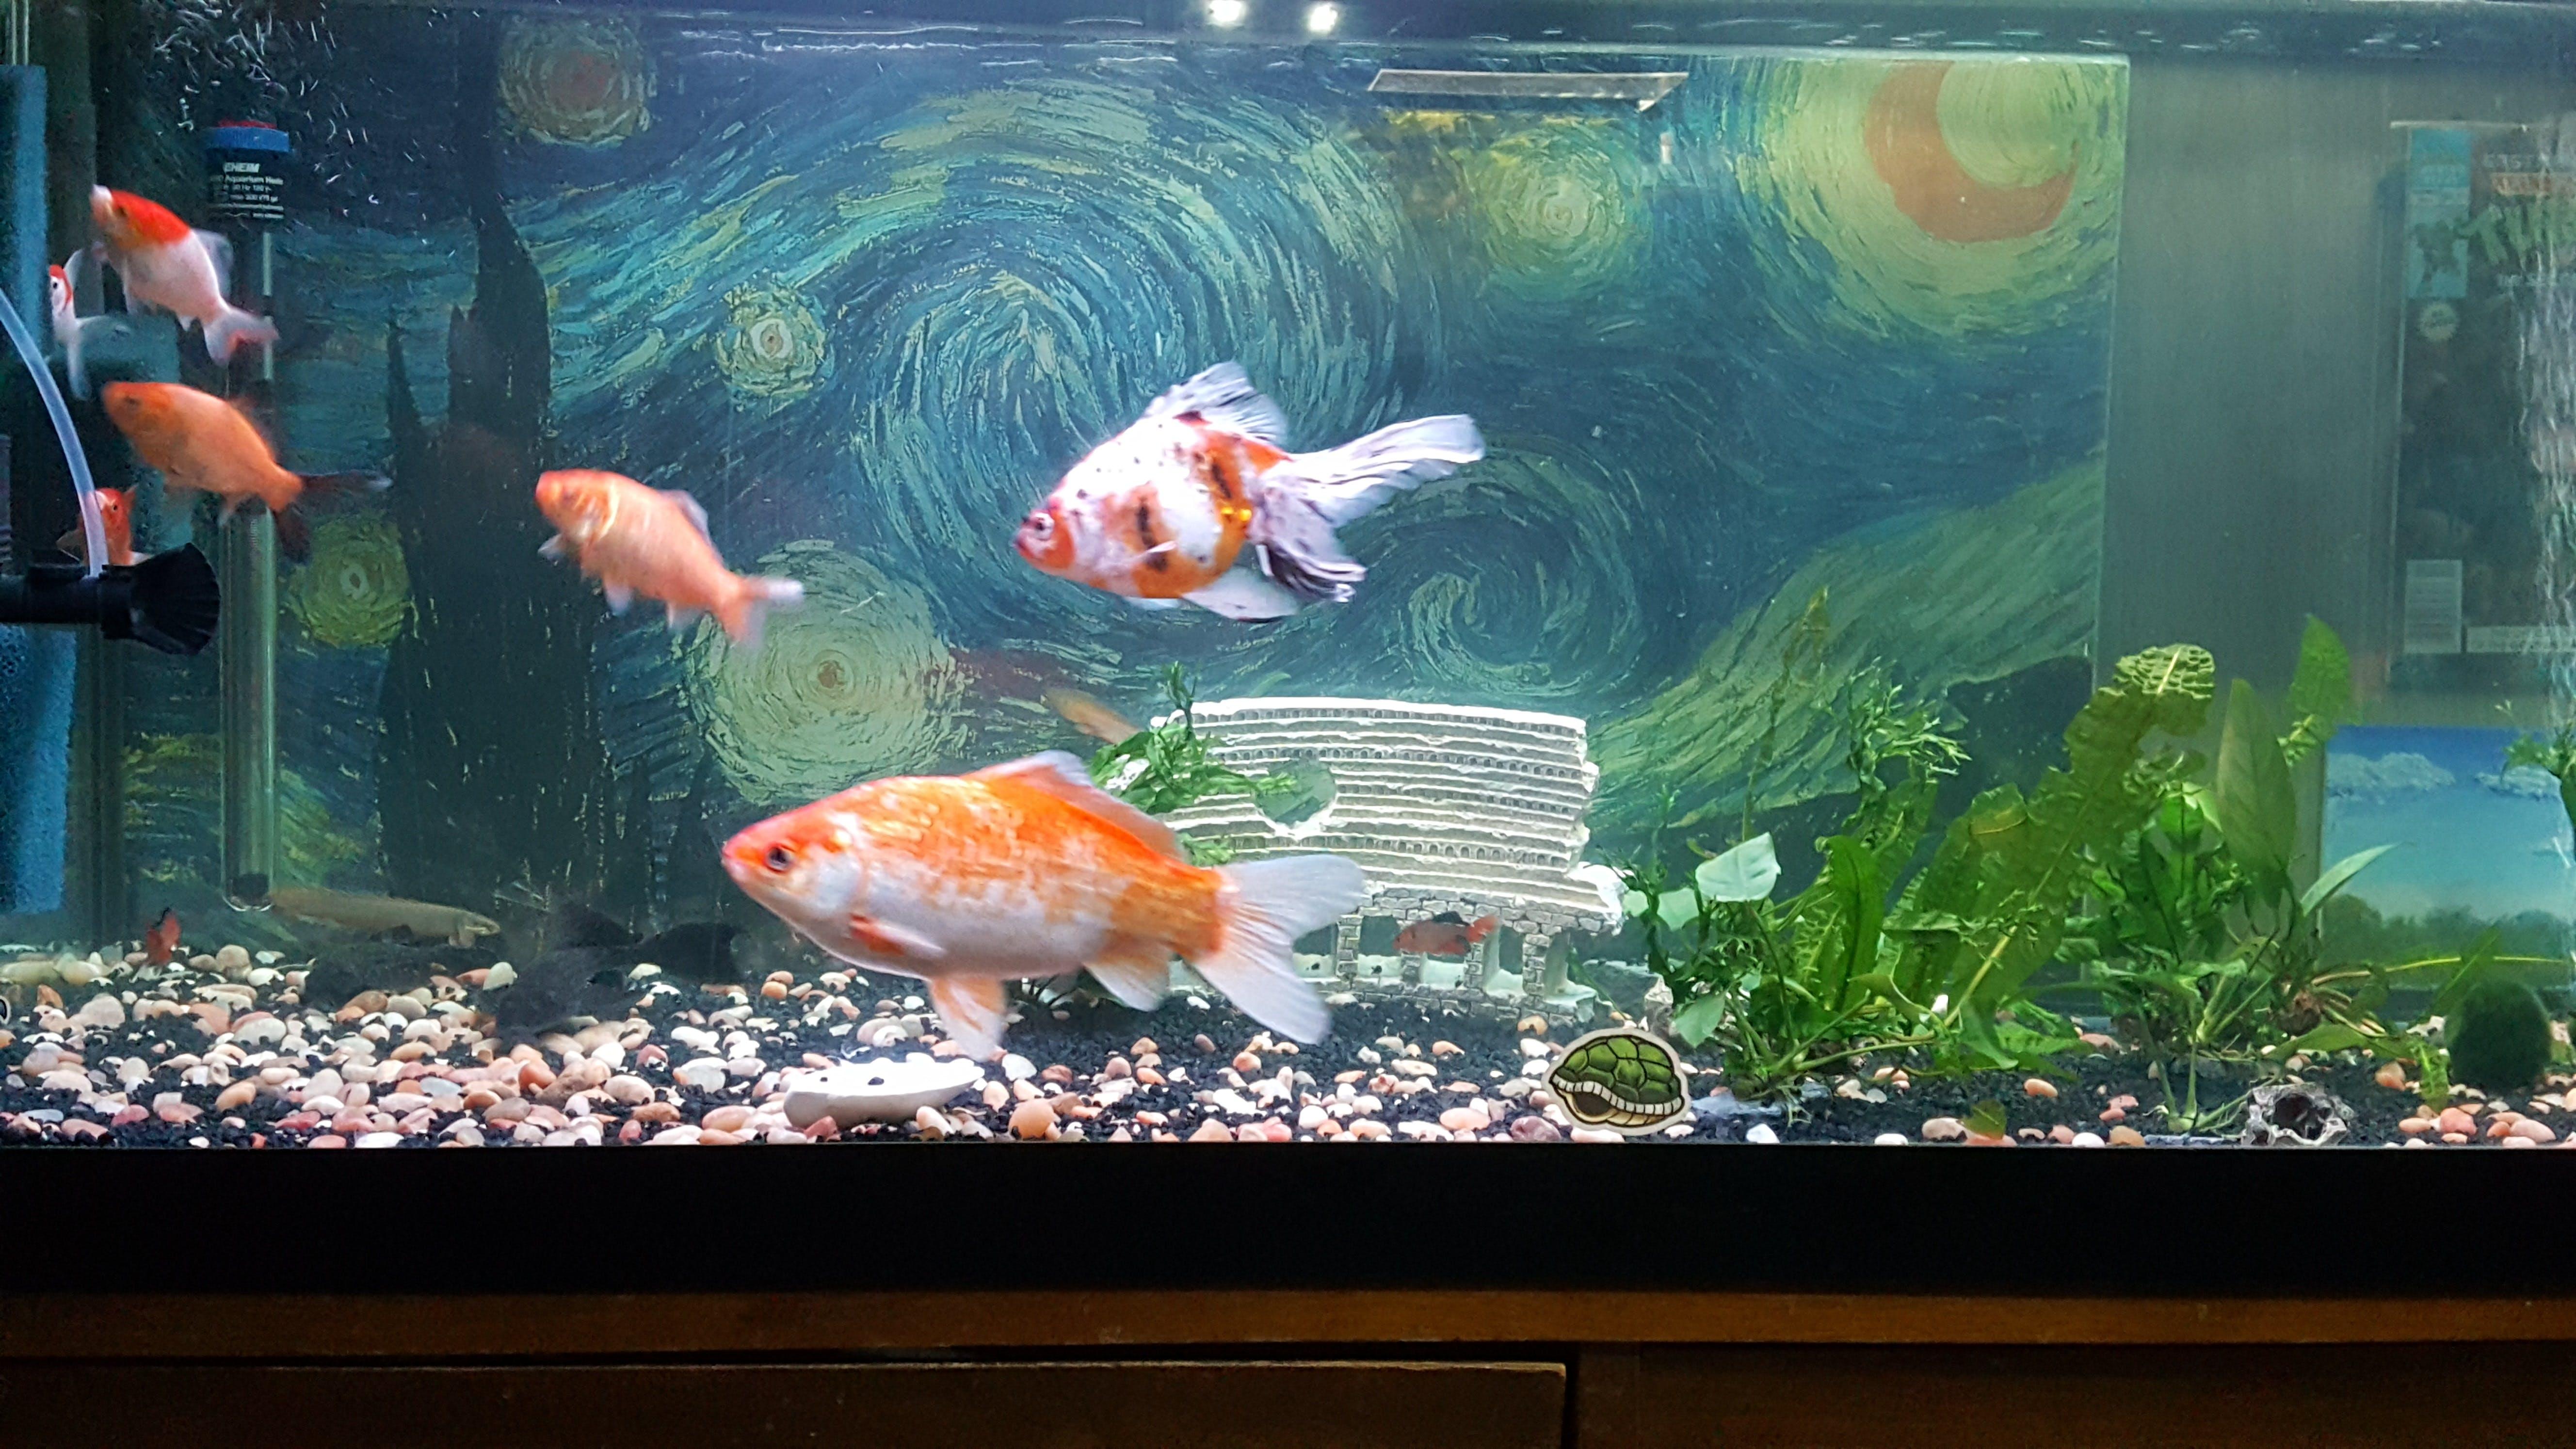 fluval bug bites goldfish formula aquarium co op. Black Bedroom Furniture Sets. Home Design Ideas